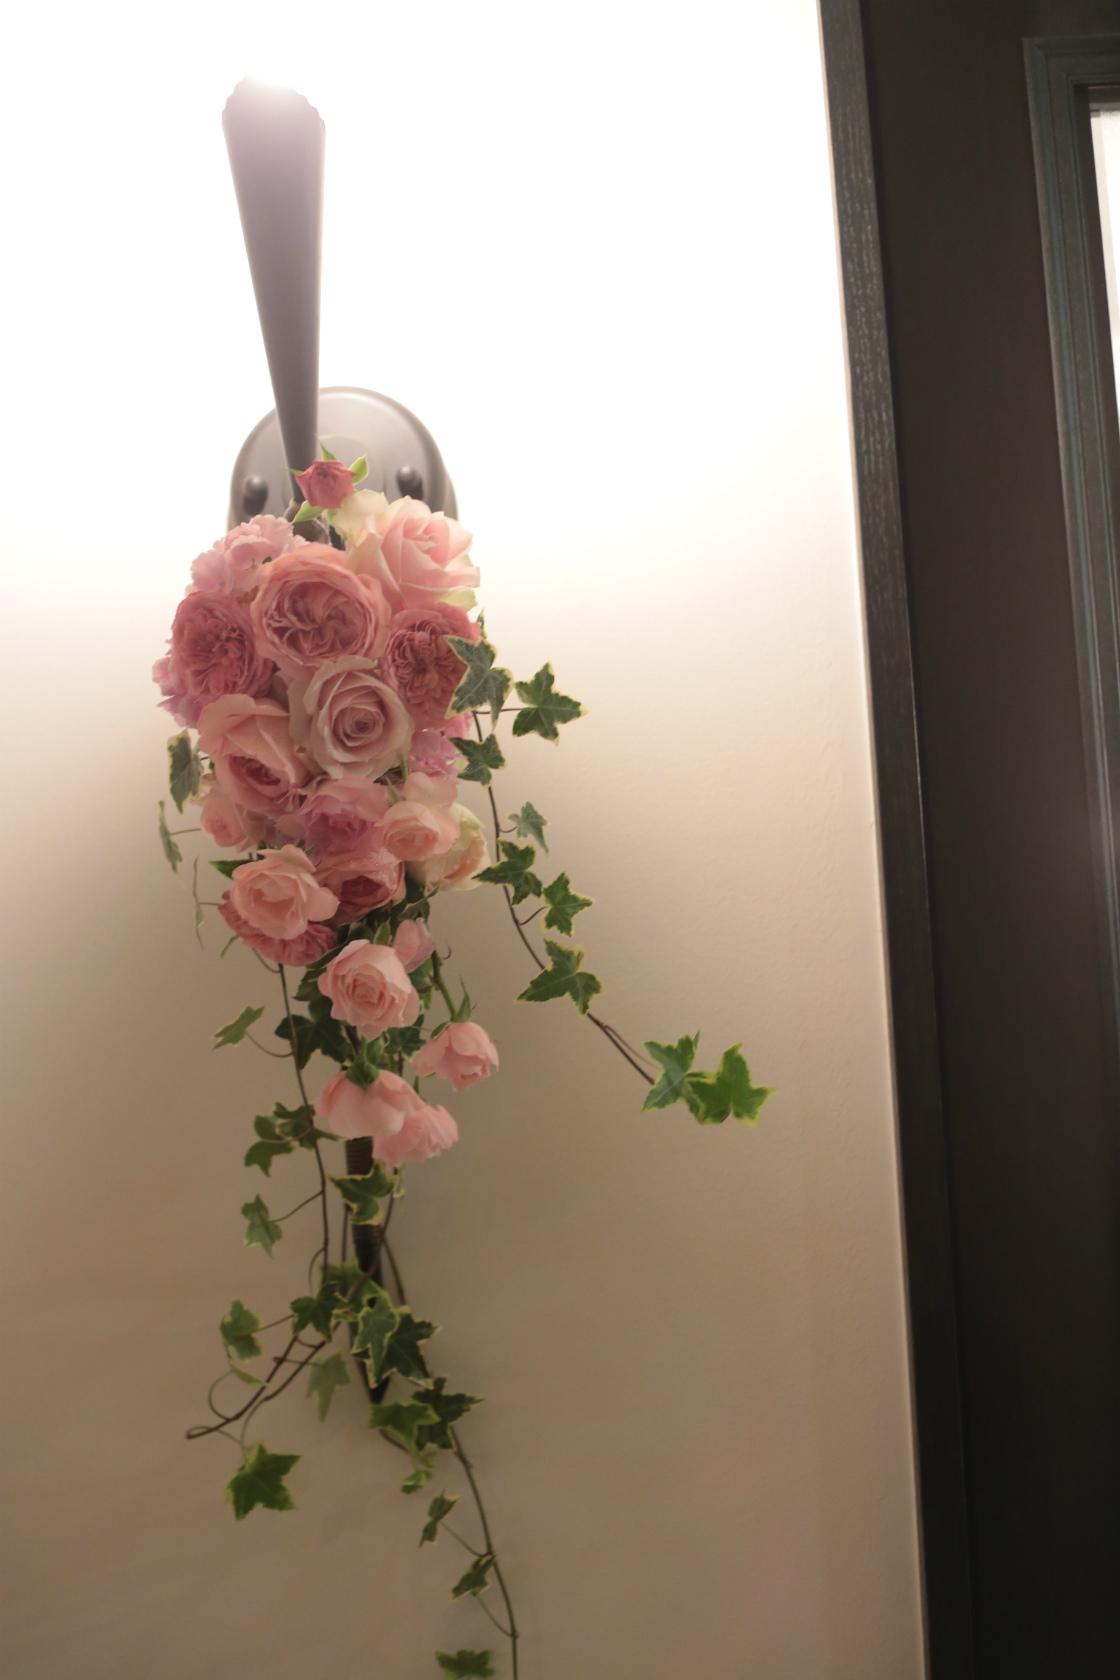 新郎新婦様からのメール 6月の花嫁 2_a0042928_1324882.jpg